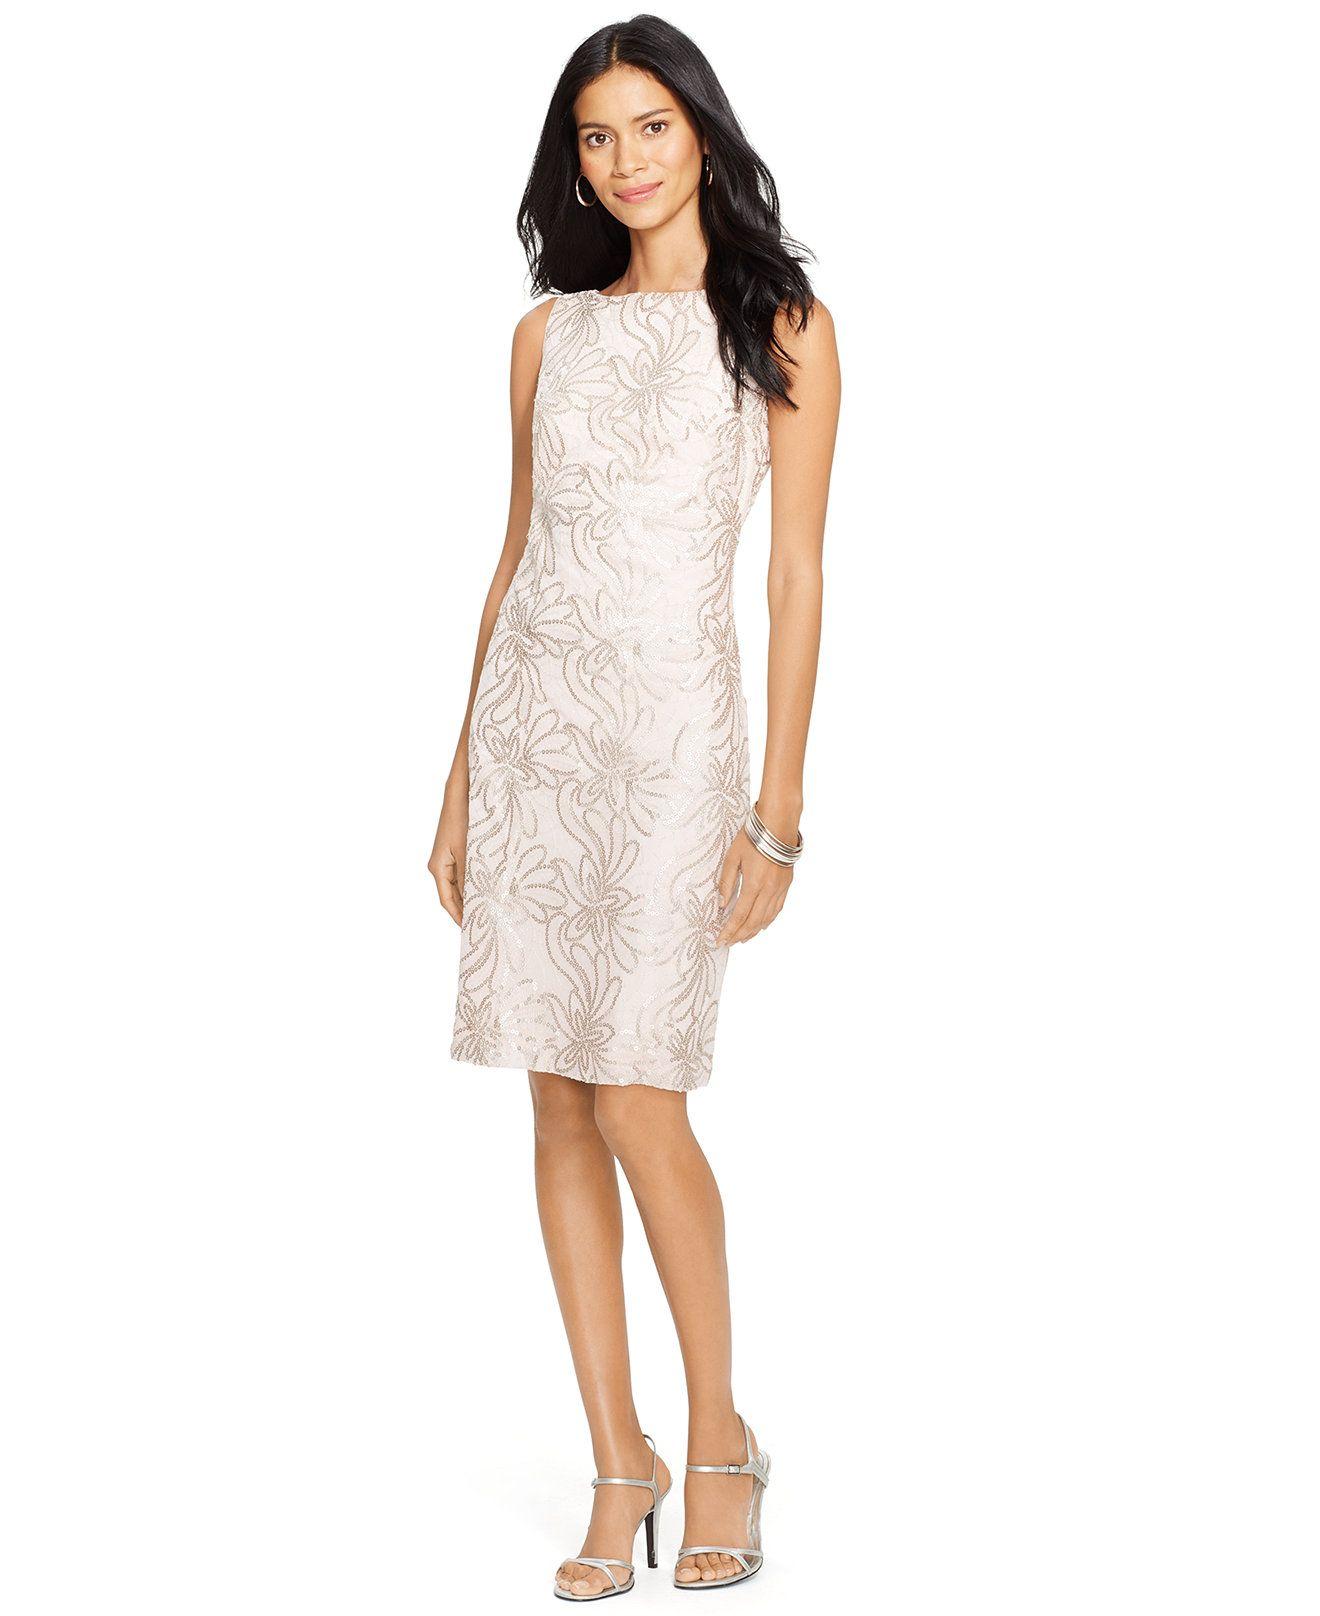 Lauren Ralph Lauren Floral-Print Sequined Dress - Dresses - Women - Macy\u0027s